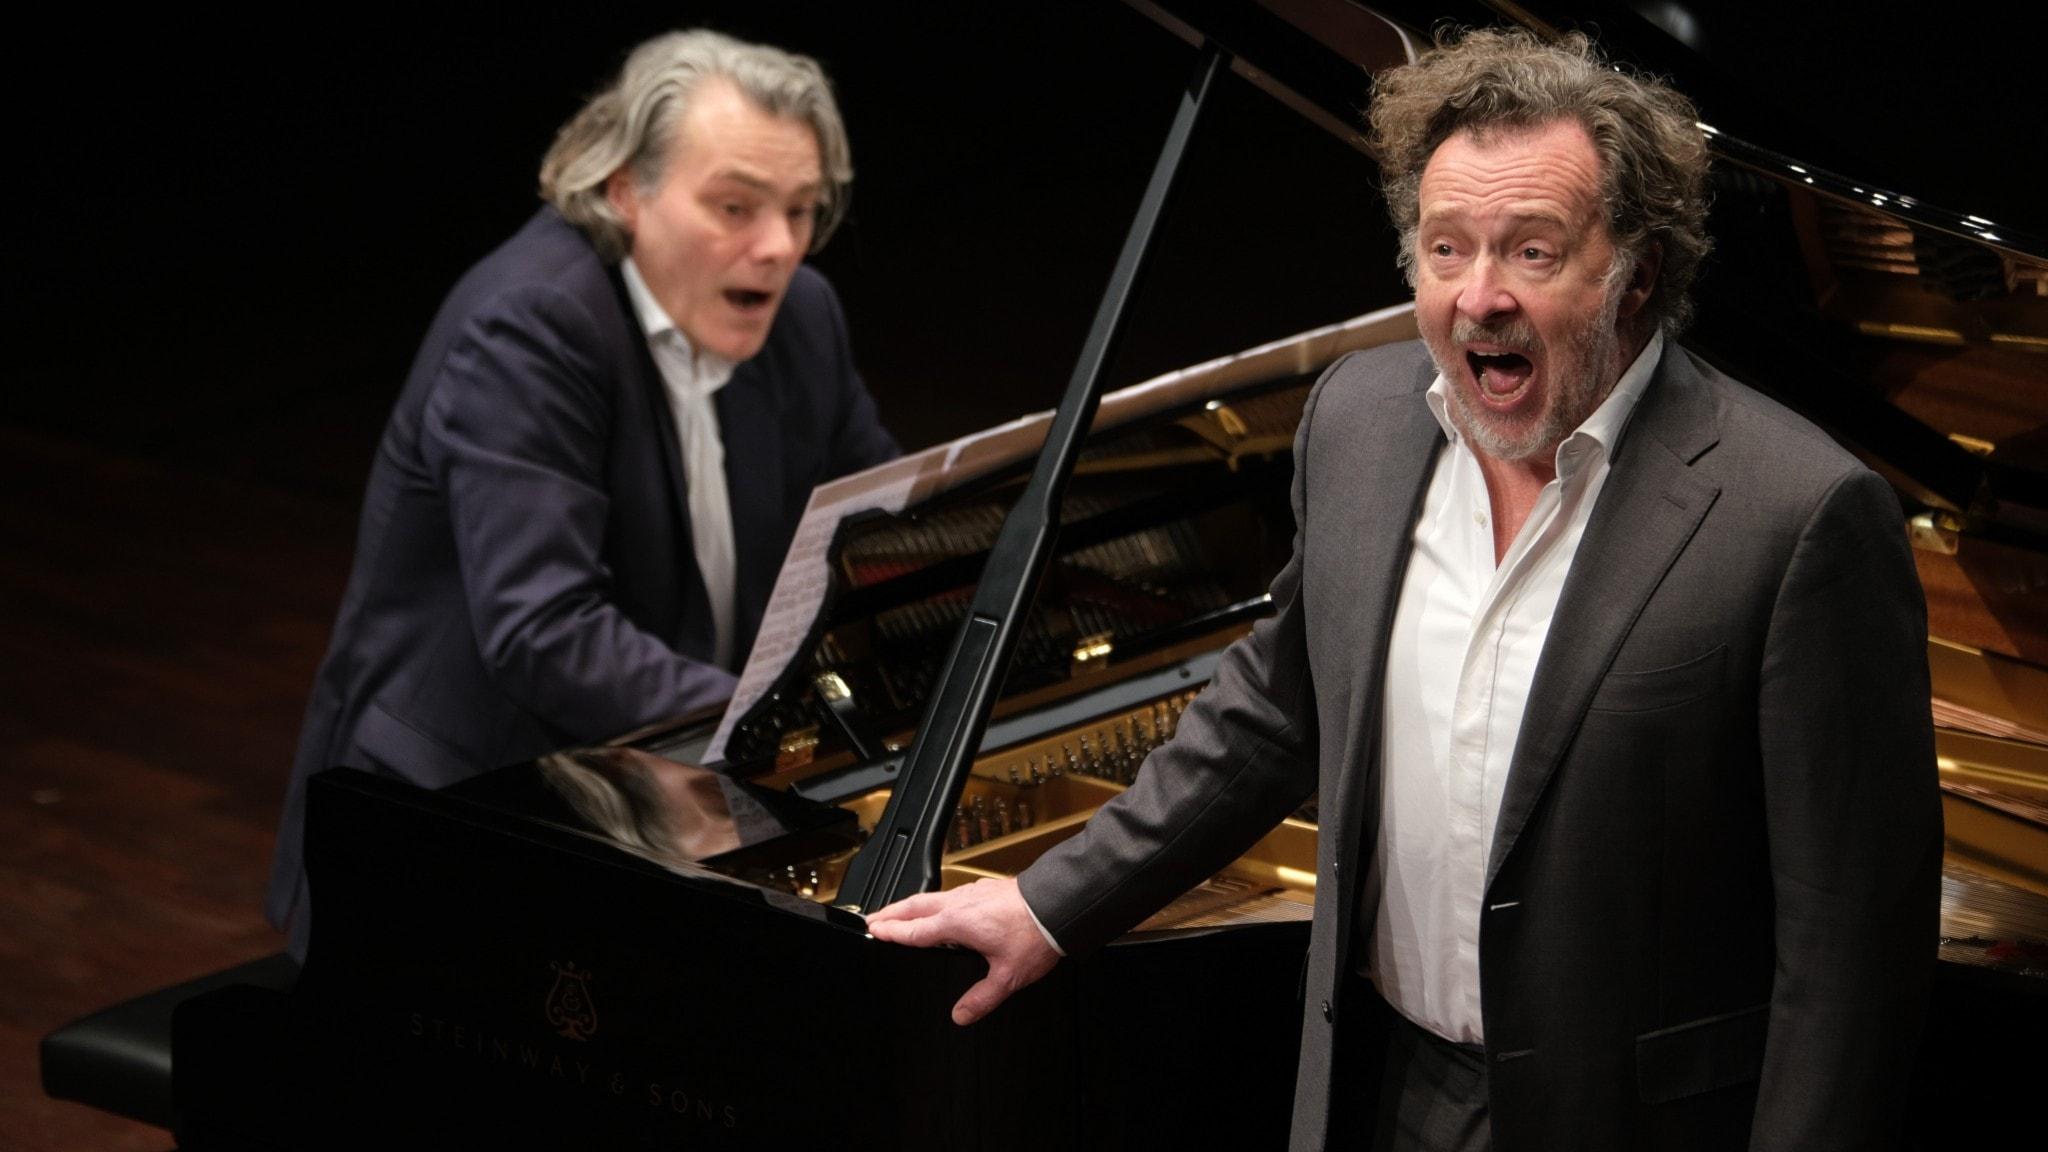 Christian Gerhaher sjunger Schubert